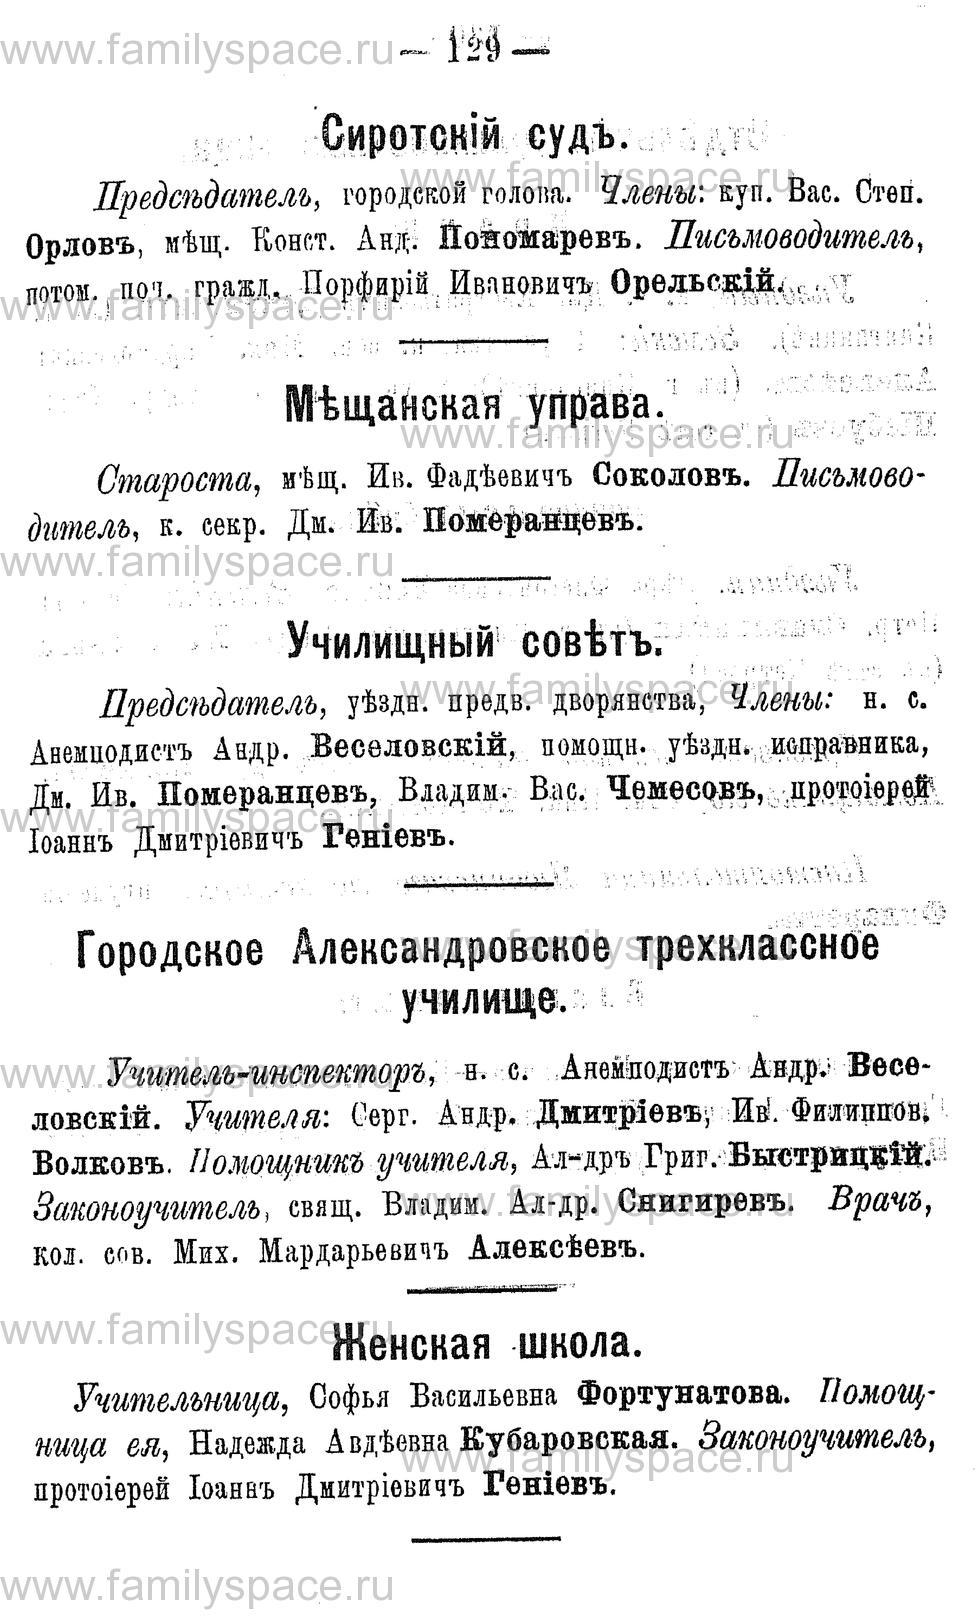 Поиск по фамилии - Адрес-календарь Нижегородской губернии на 1891 год, страница 129